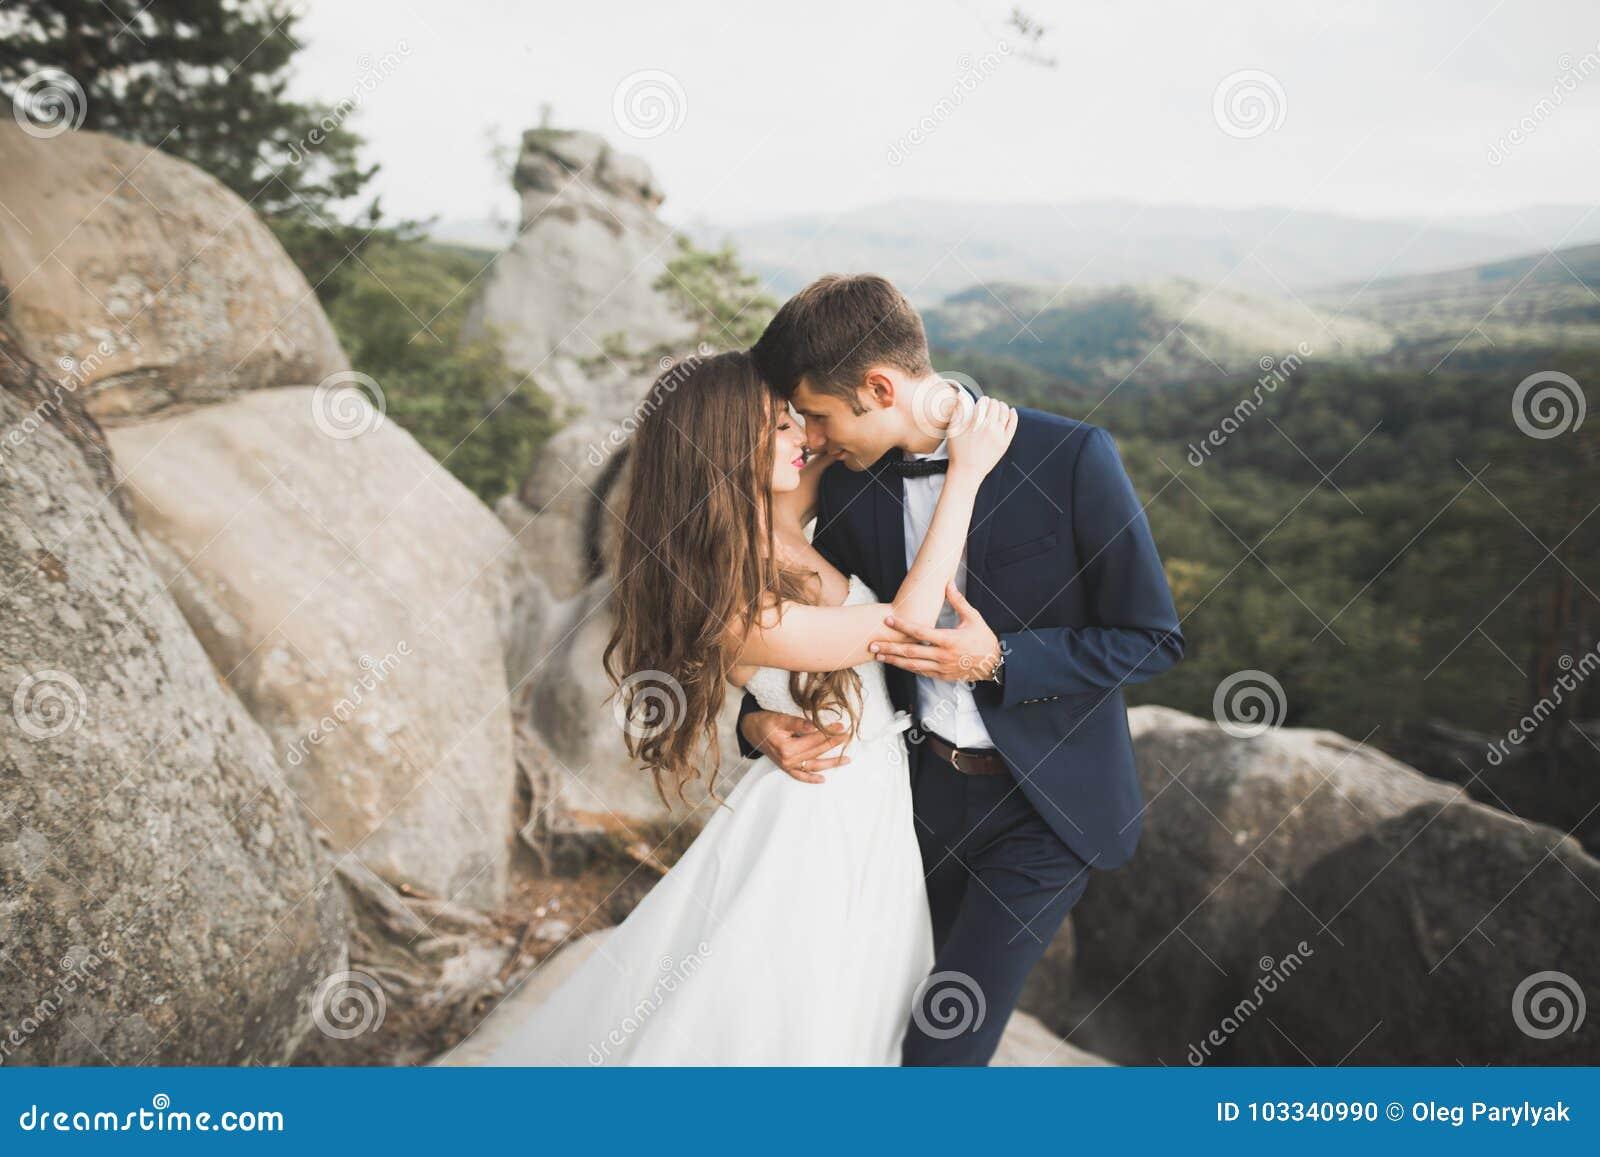 Herrliche Braut, Bräutigam, der nahe den Klippen mit erstaunlichen Ansichten küsst und umarmt